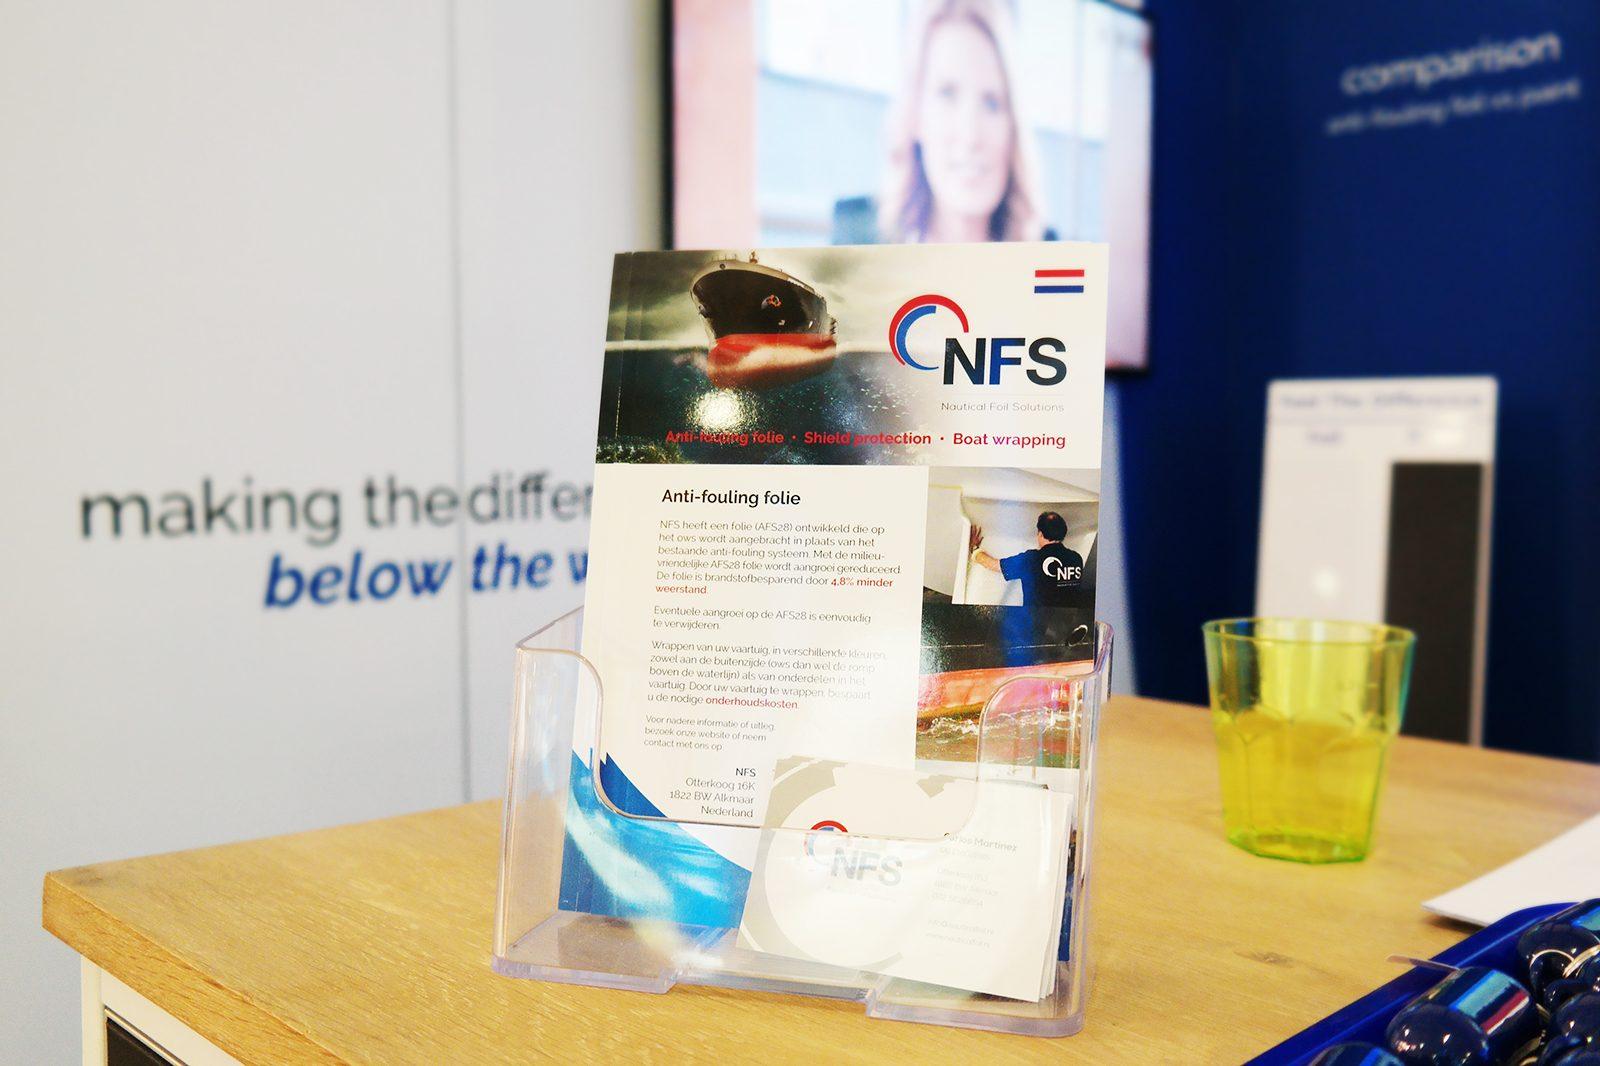 NFS op Europort 2017